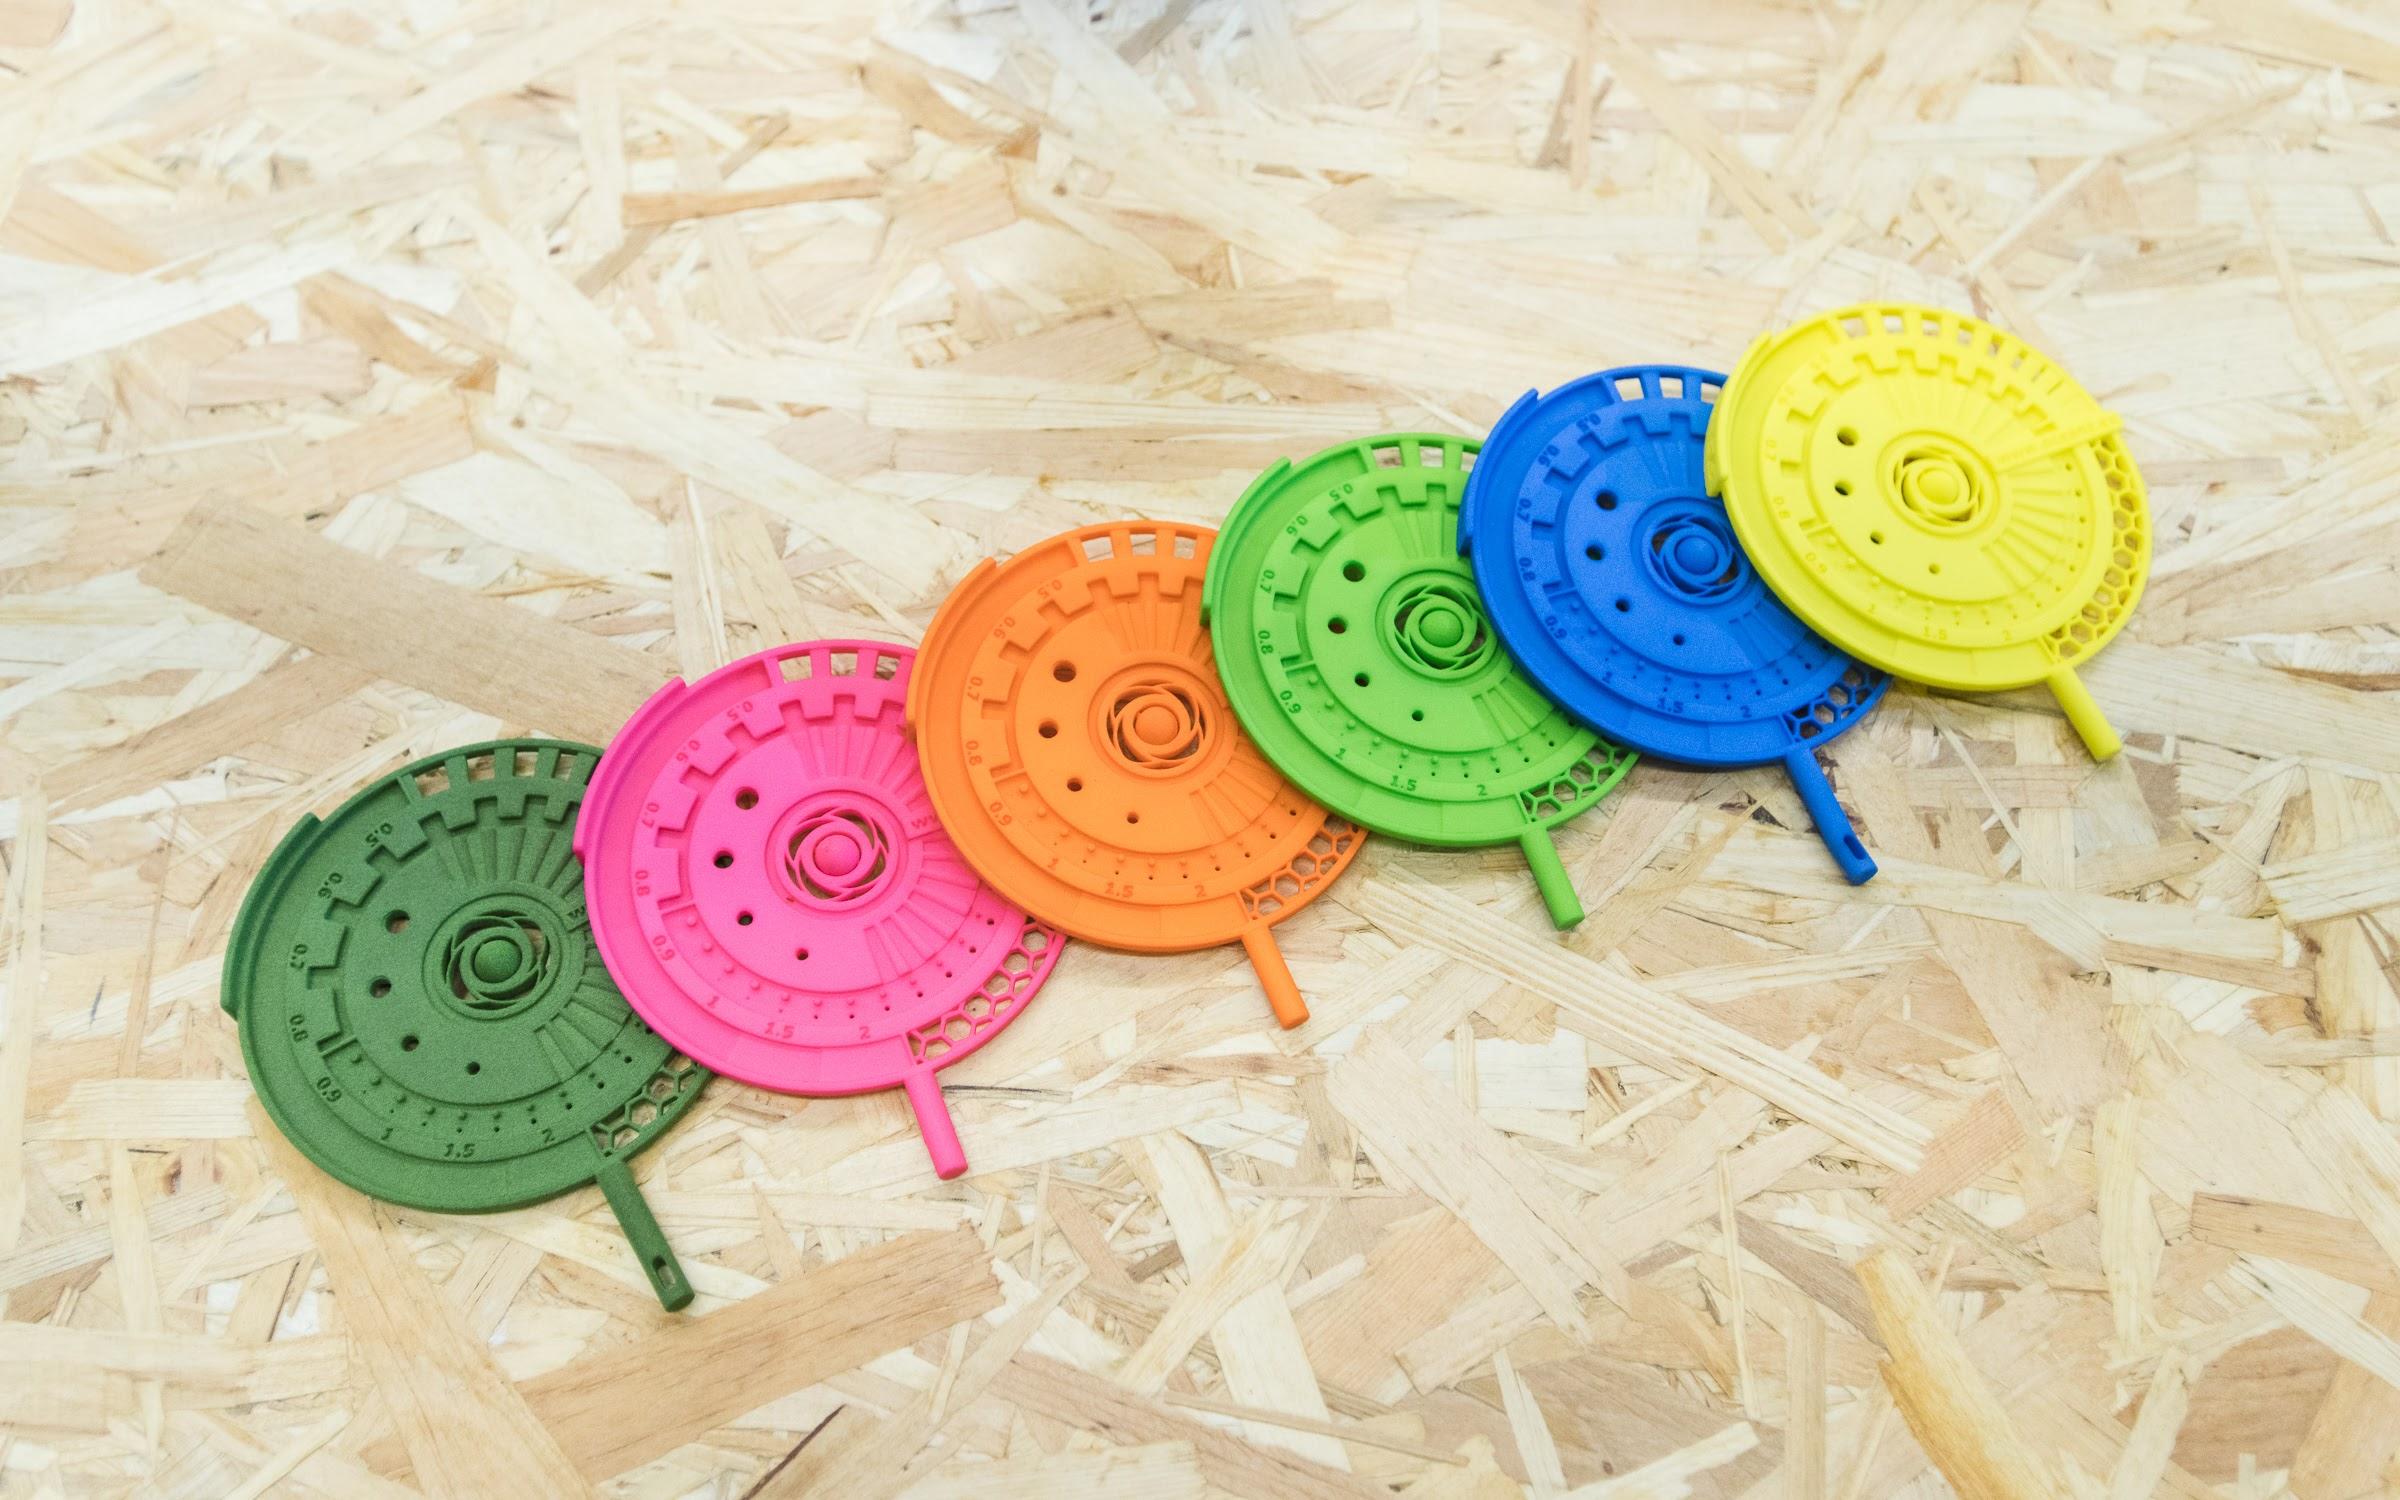 نمونه هایی از قطعات تولید شده با پرینتر سه بعدی SLS که با روش رنگرزی به رنگ های مختلفی درآمده اند.